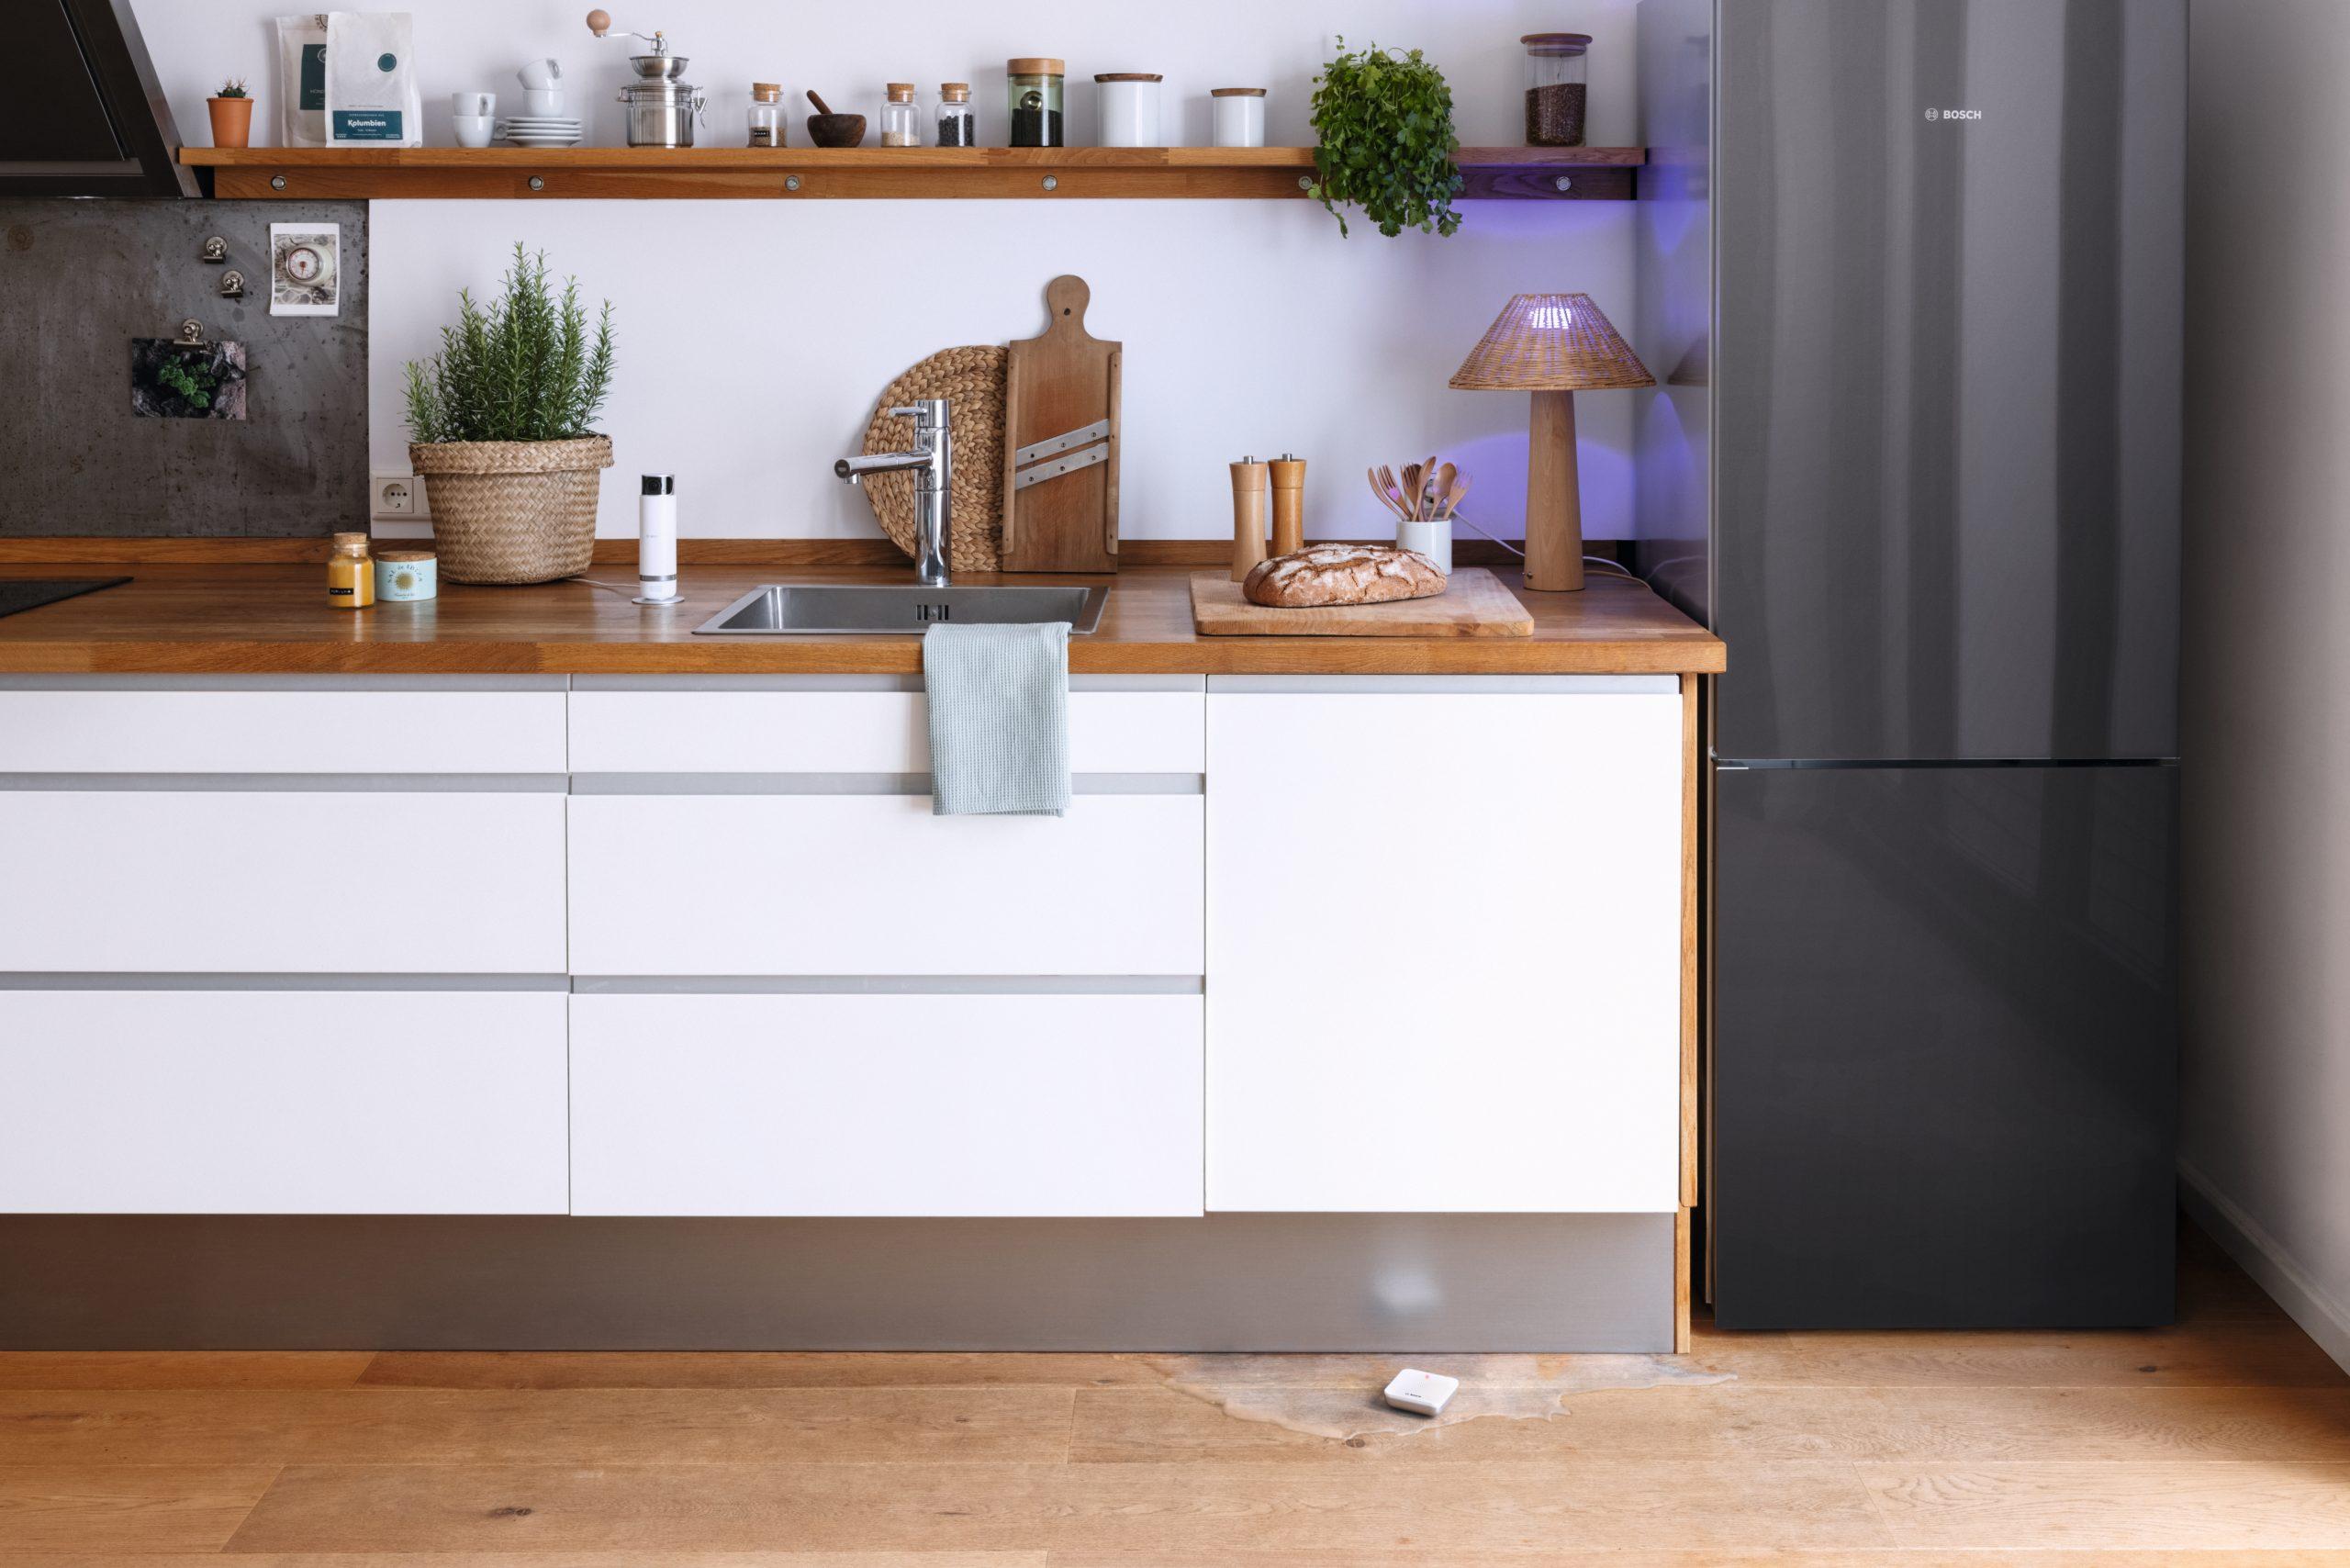 Bosch Smart Home Wasseralarm. Foto: Bosch Smart Home